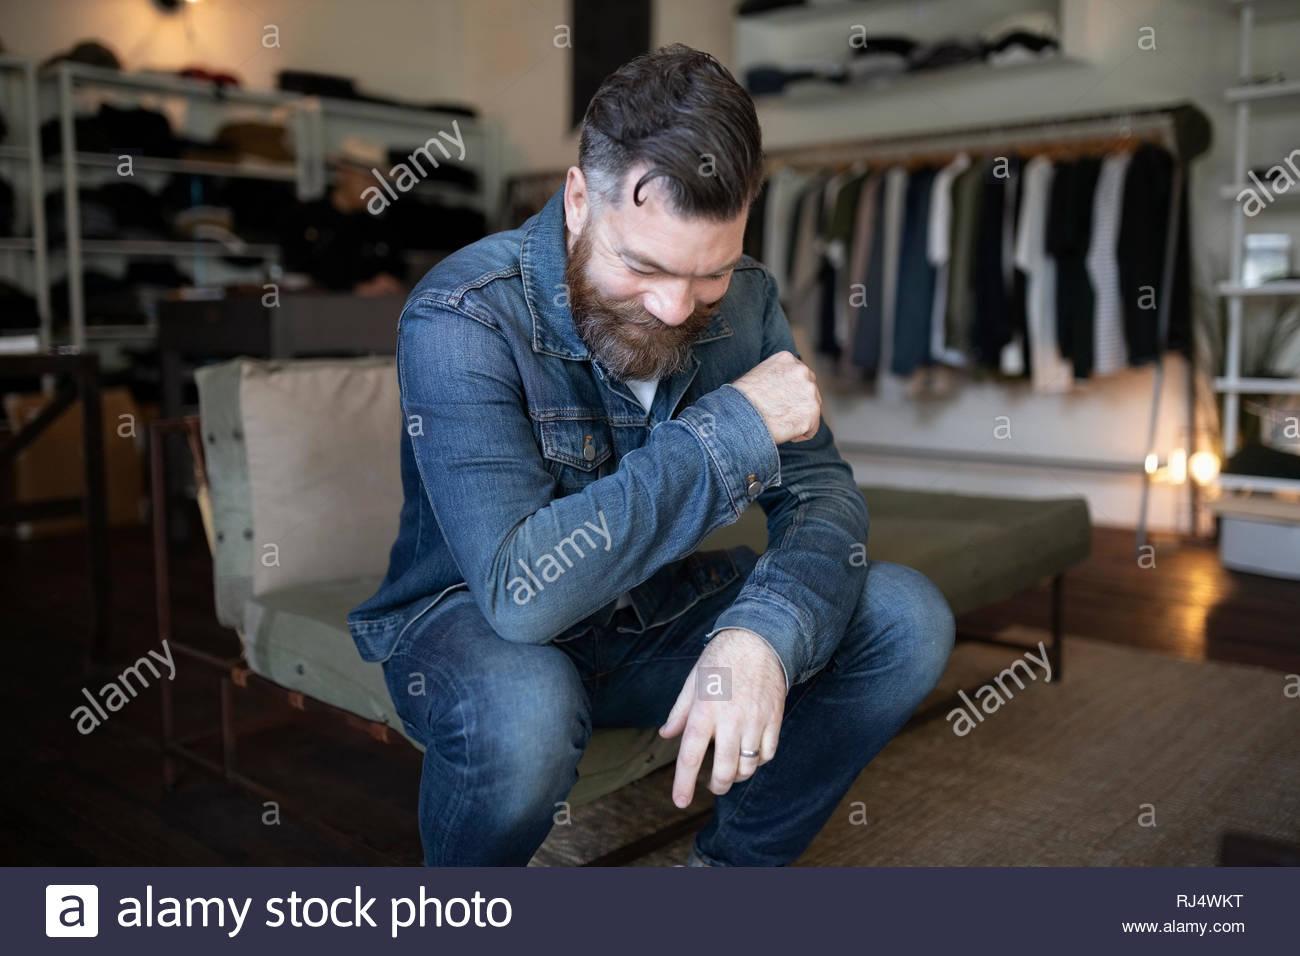 Hombre sonriendo con barba en ropa tienda de ropa Foto de stock